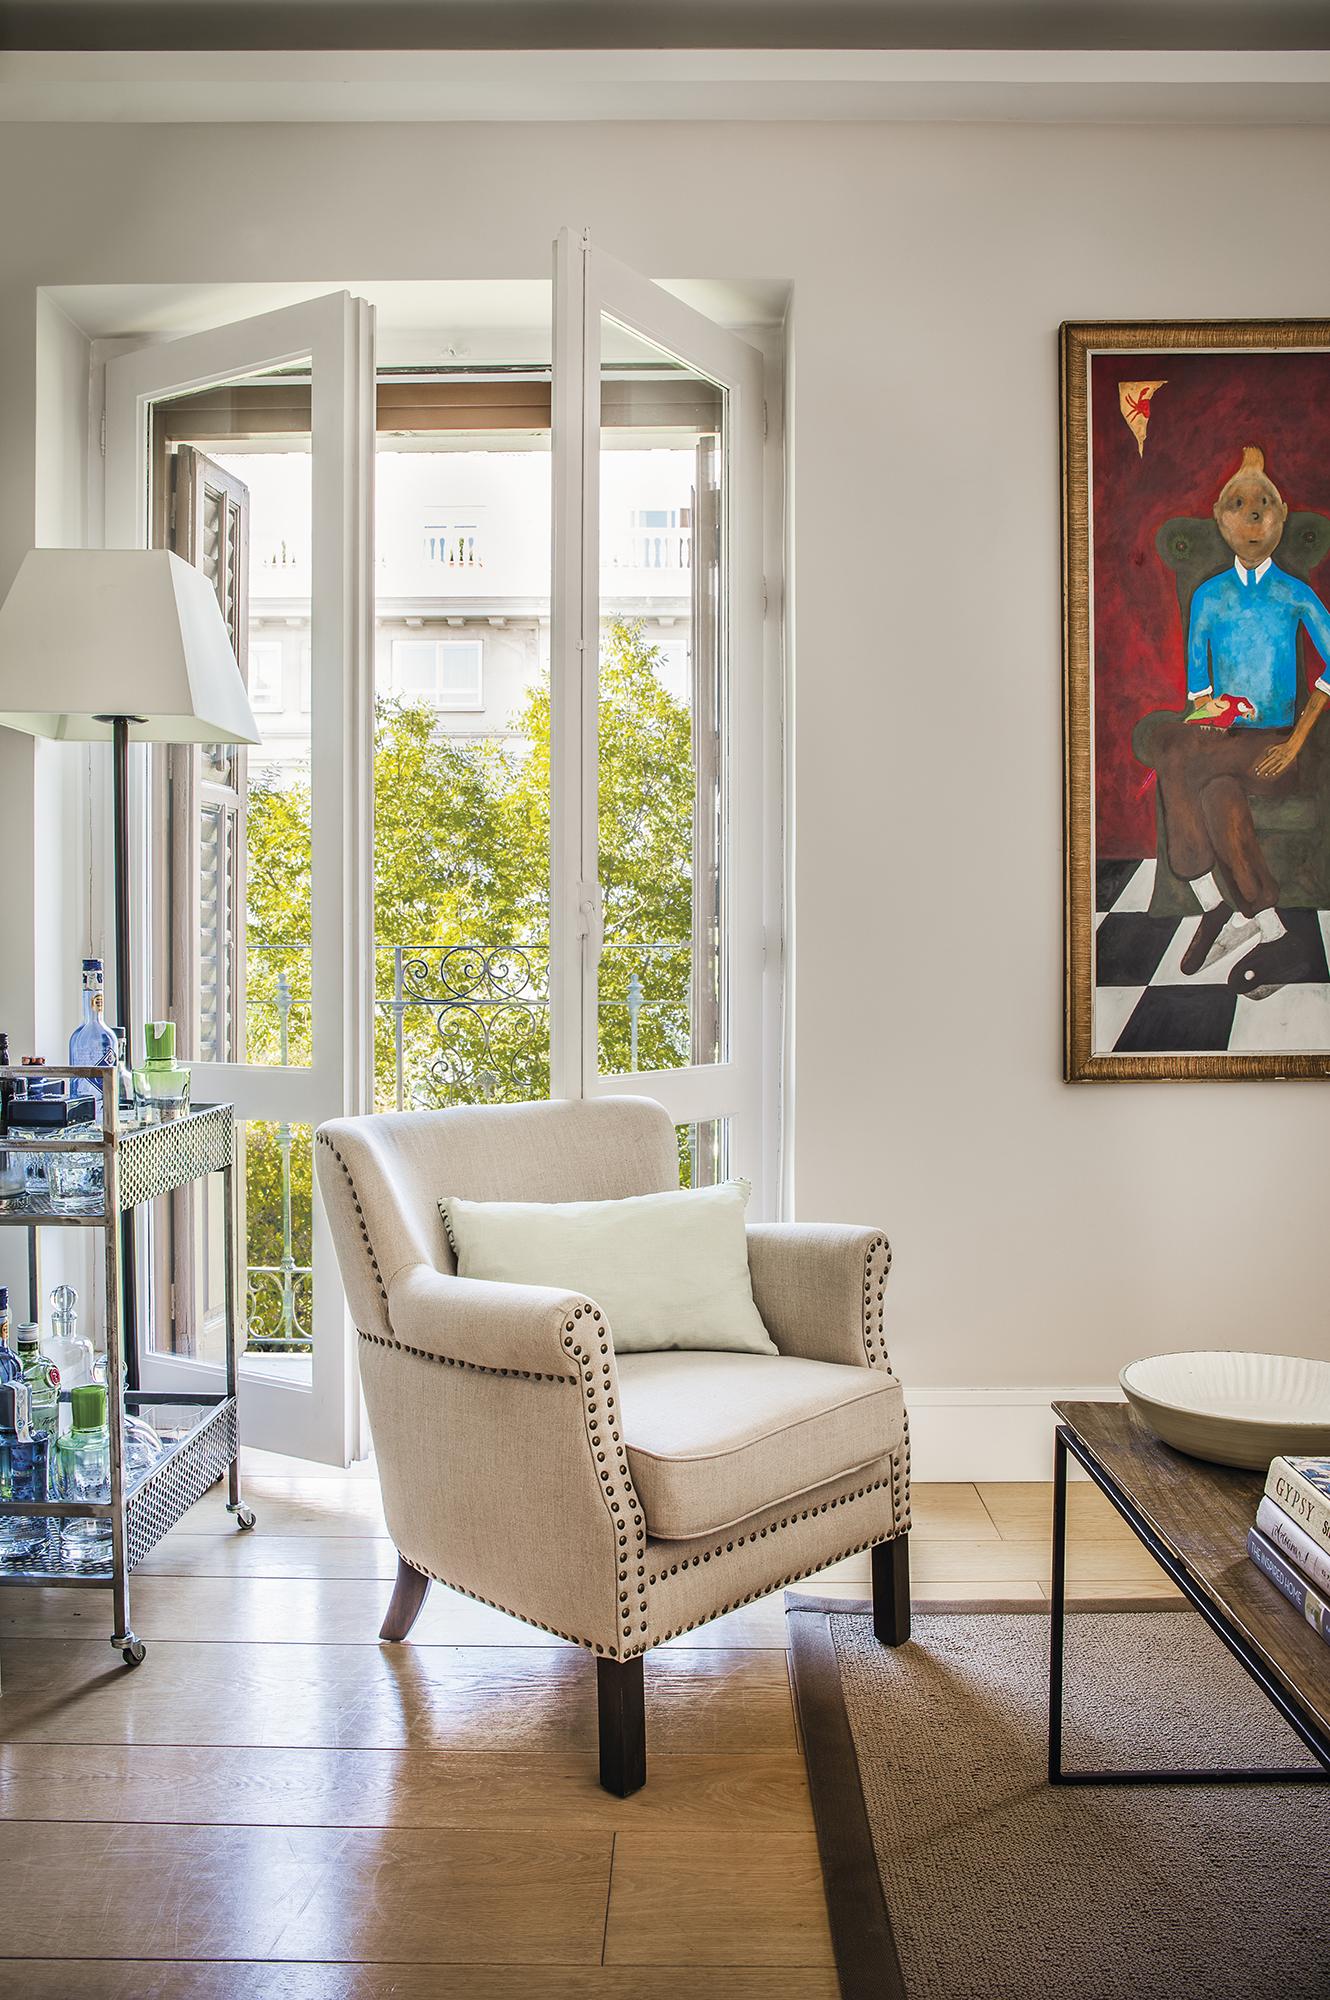 Butacas Sillones Y Butacas C Modas Para Tu Casa Elmueble # Muebles Epoca Salamanca